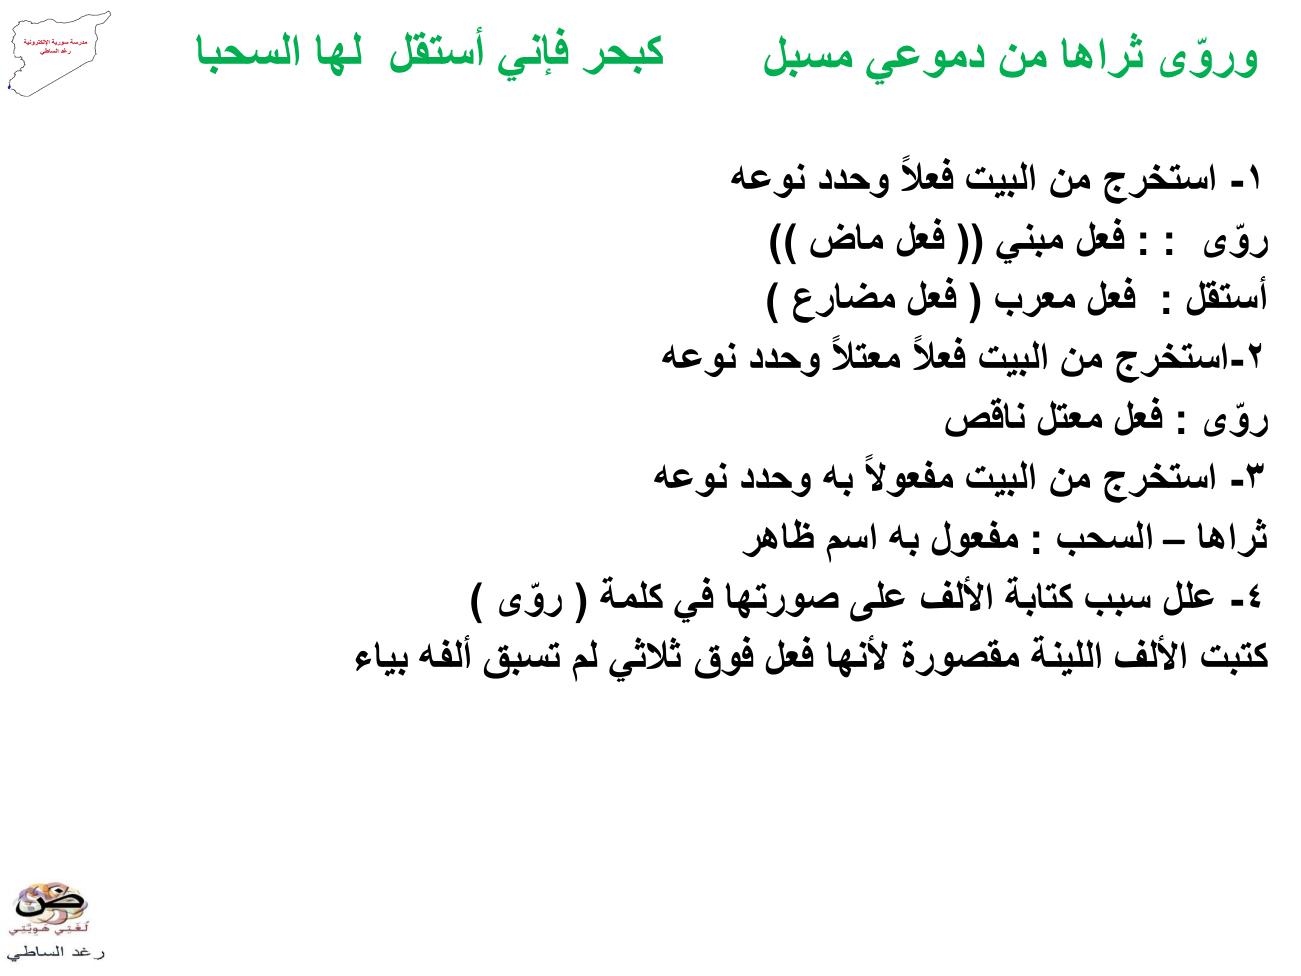 شرح قصيدة حنين الي الشام للصف الثامن مدونة المناهج السورية